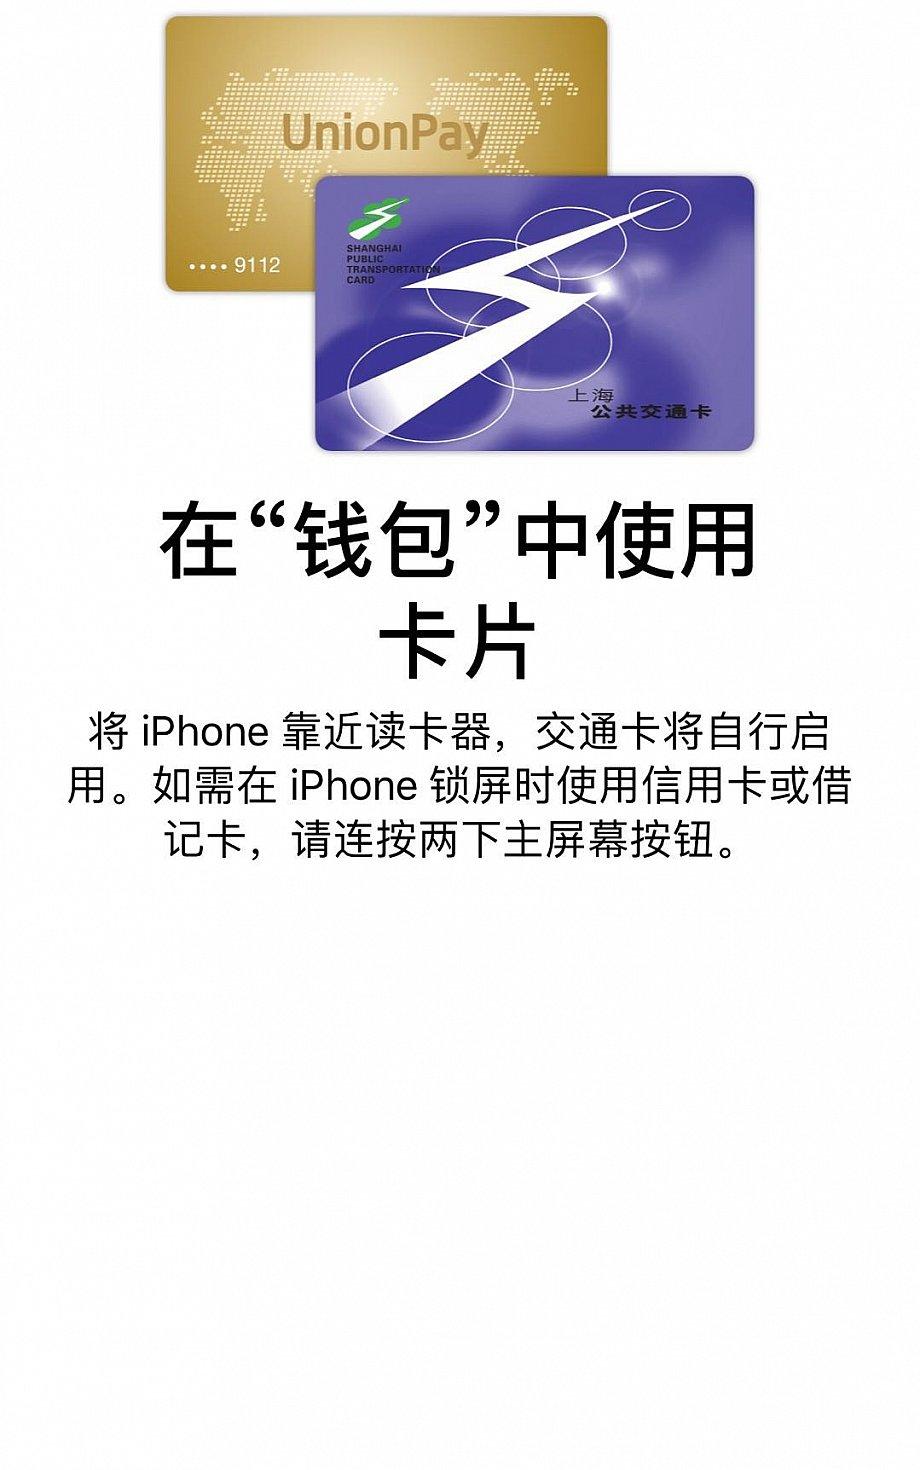 Apple Payに交通カードが追加できるようになりました!